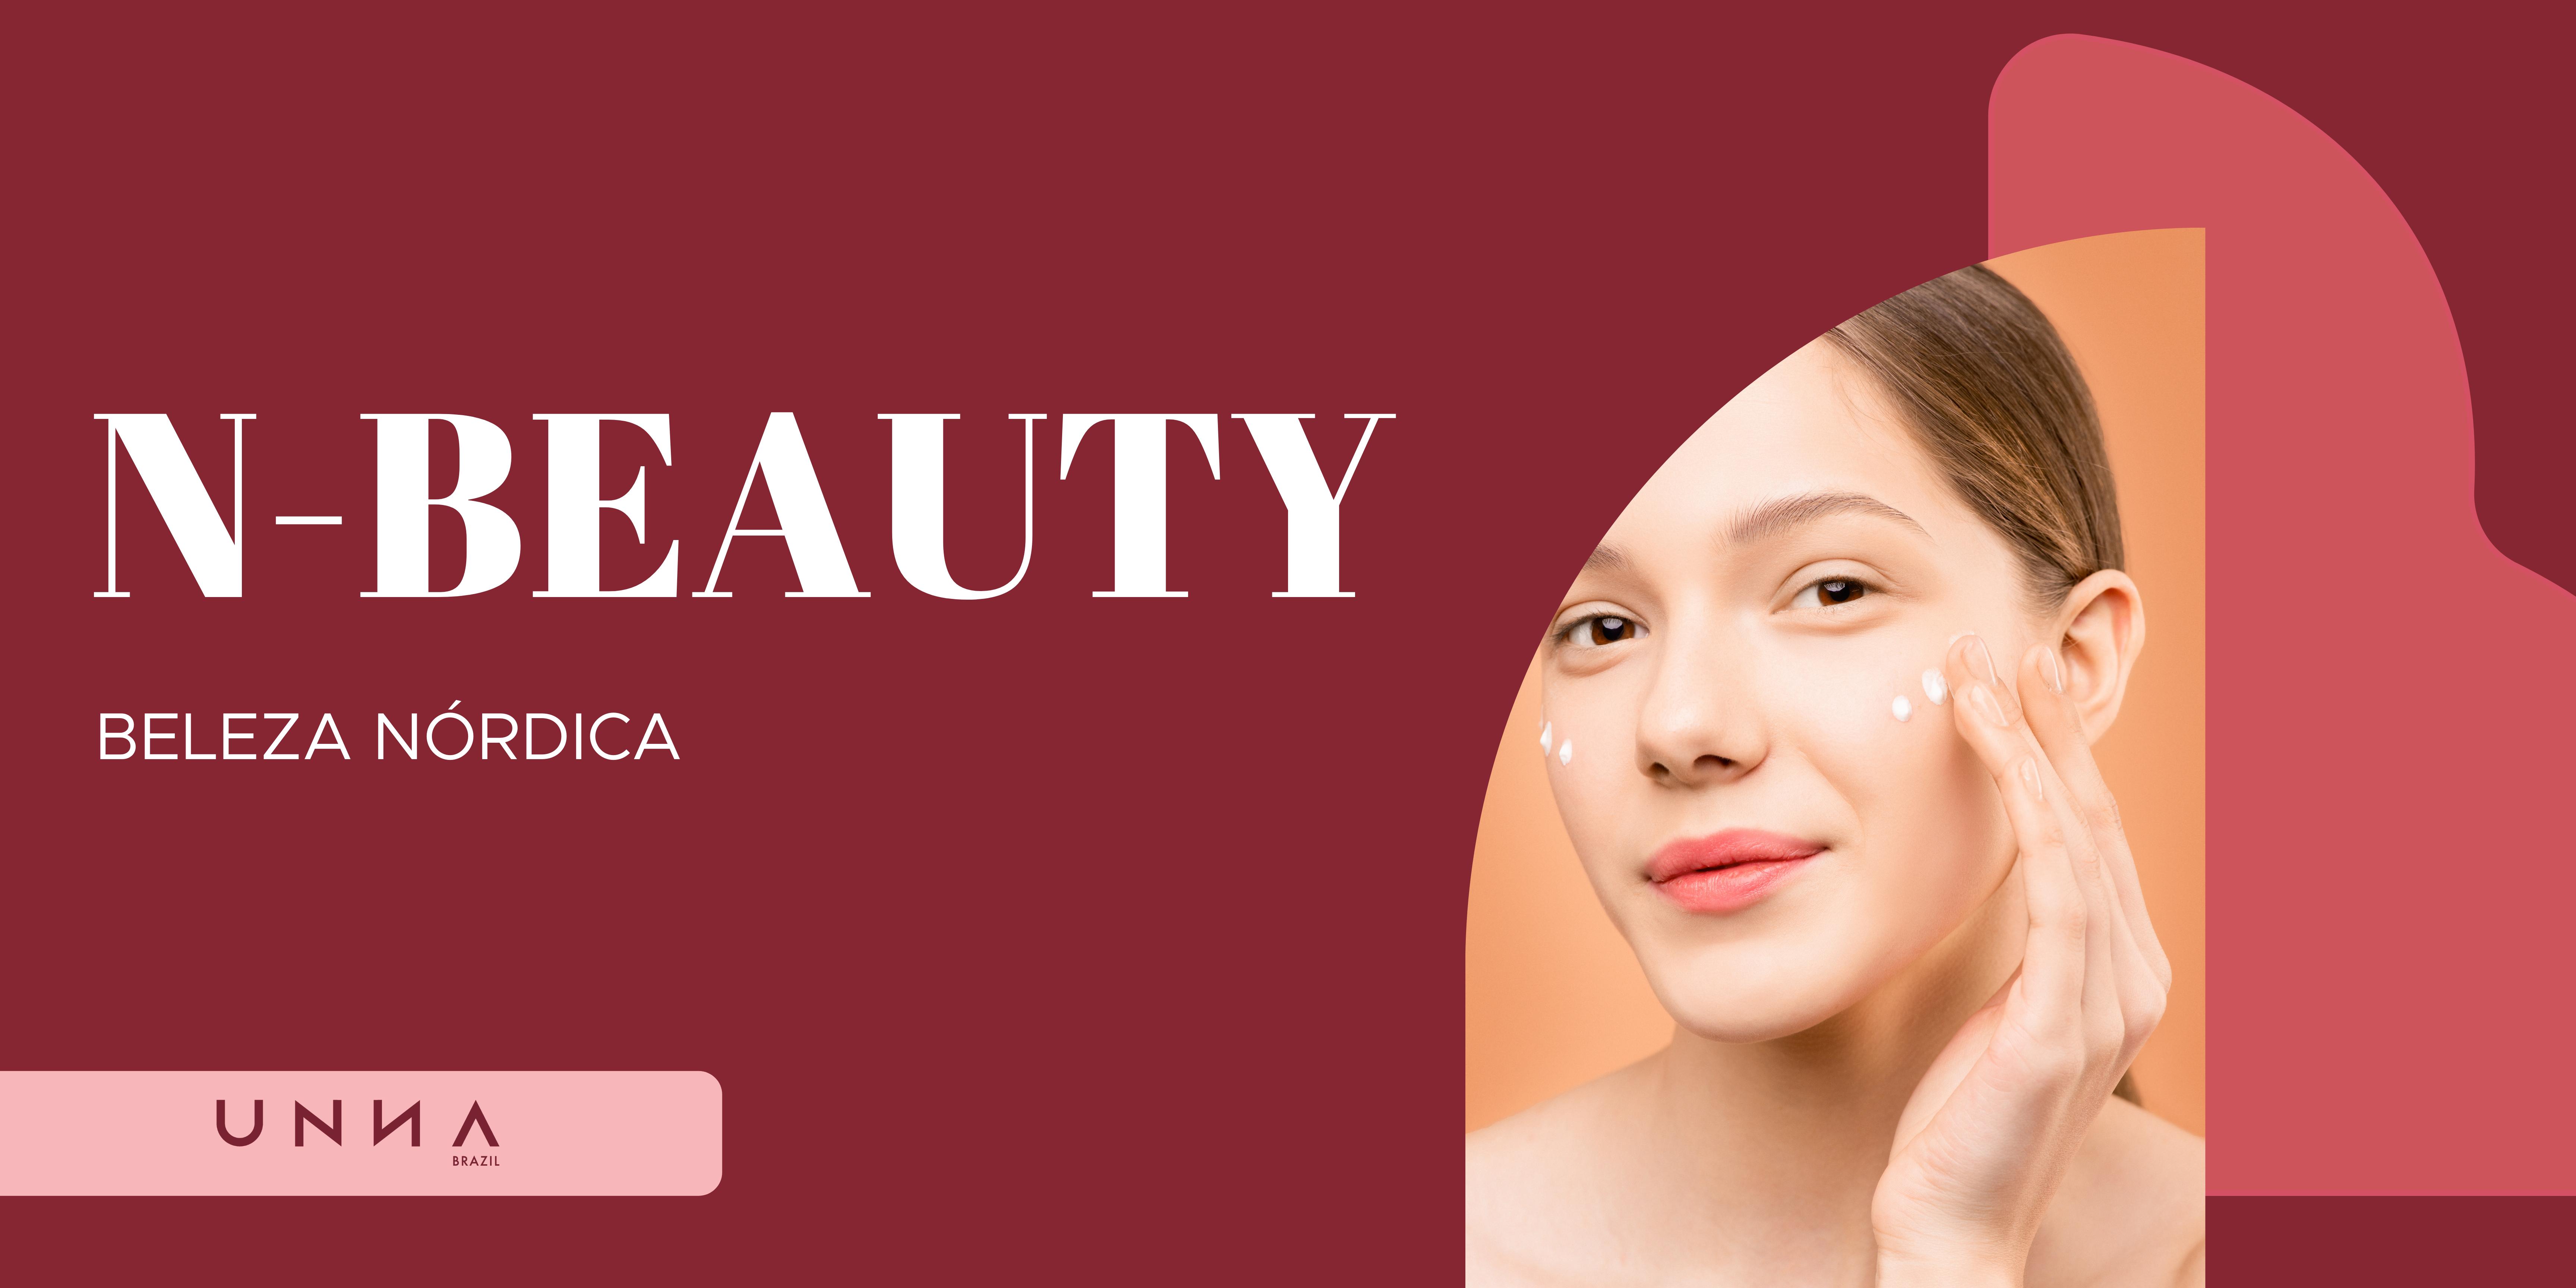 N-beauty! Conheça a rotina de beleza inspirada nas mulheres nórdicas